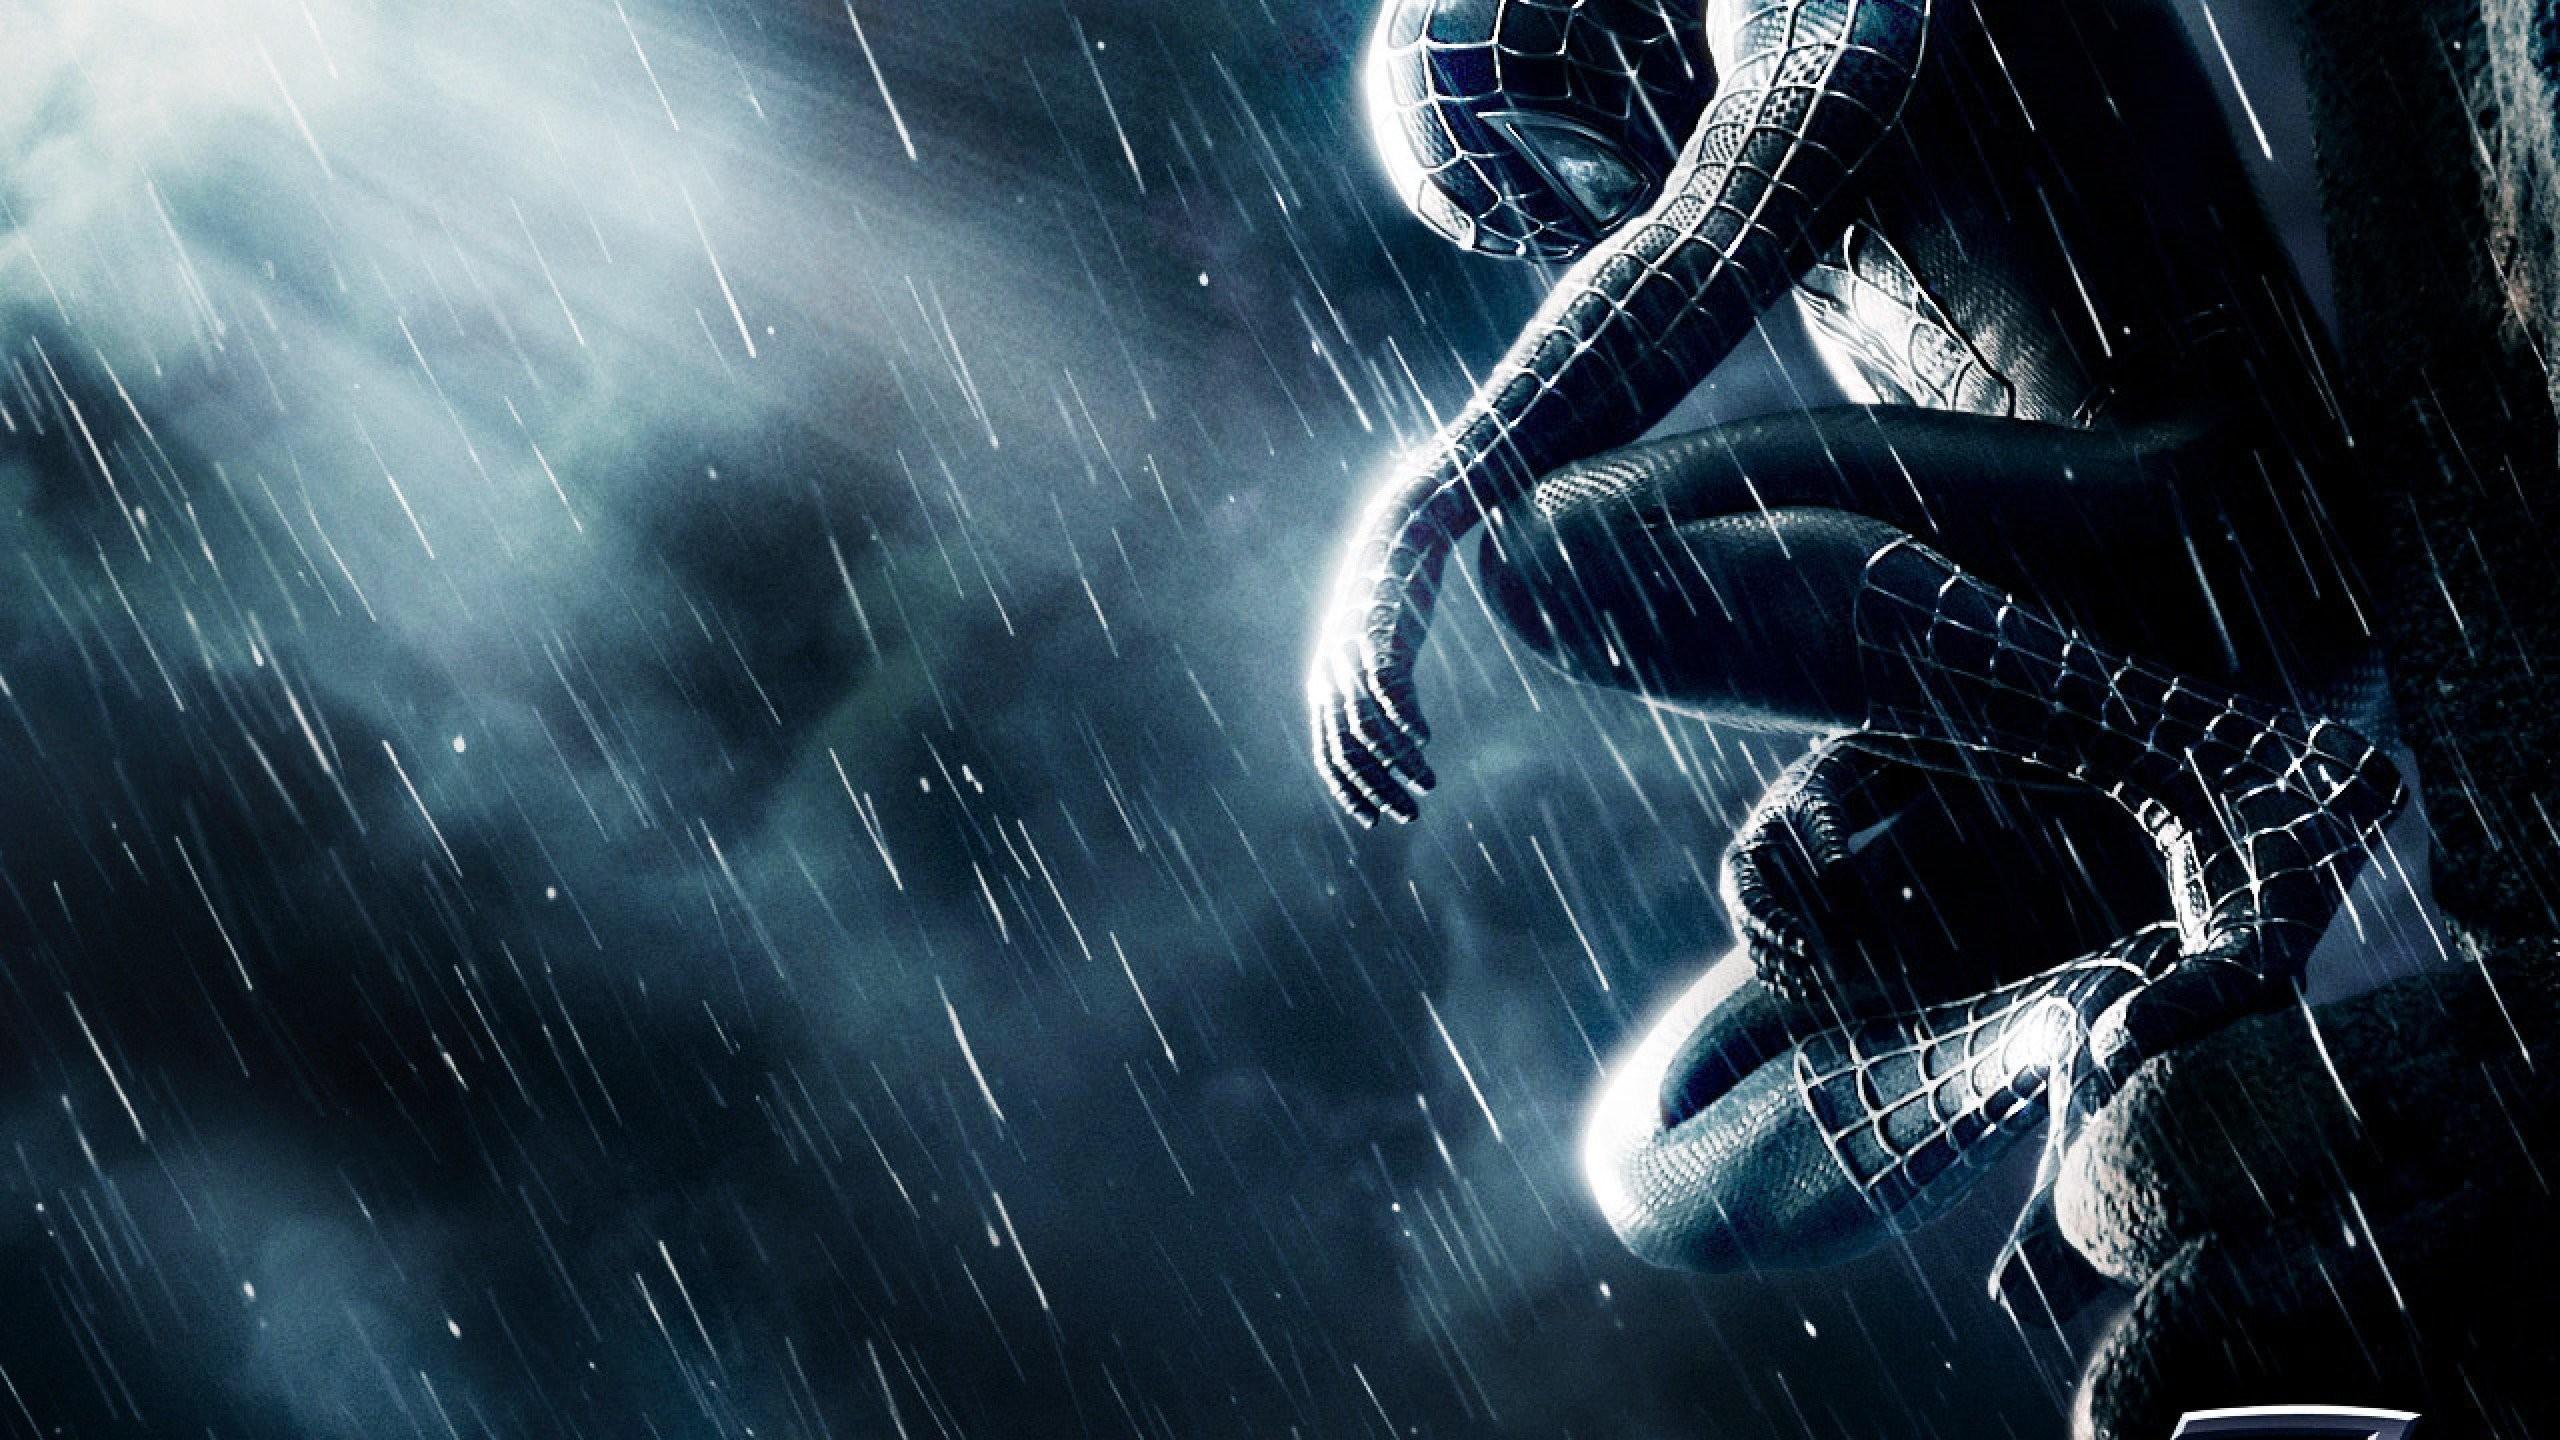 … wallpaper vidur net; spider man 3 705212 walldevil …